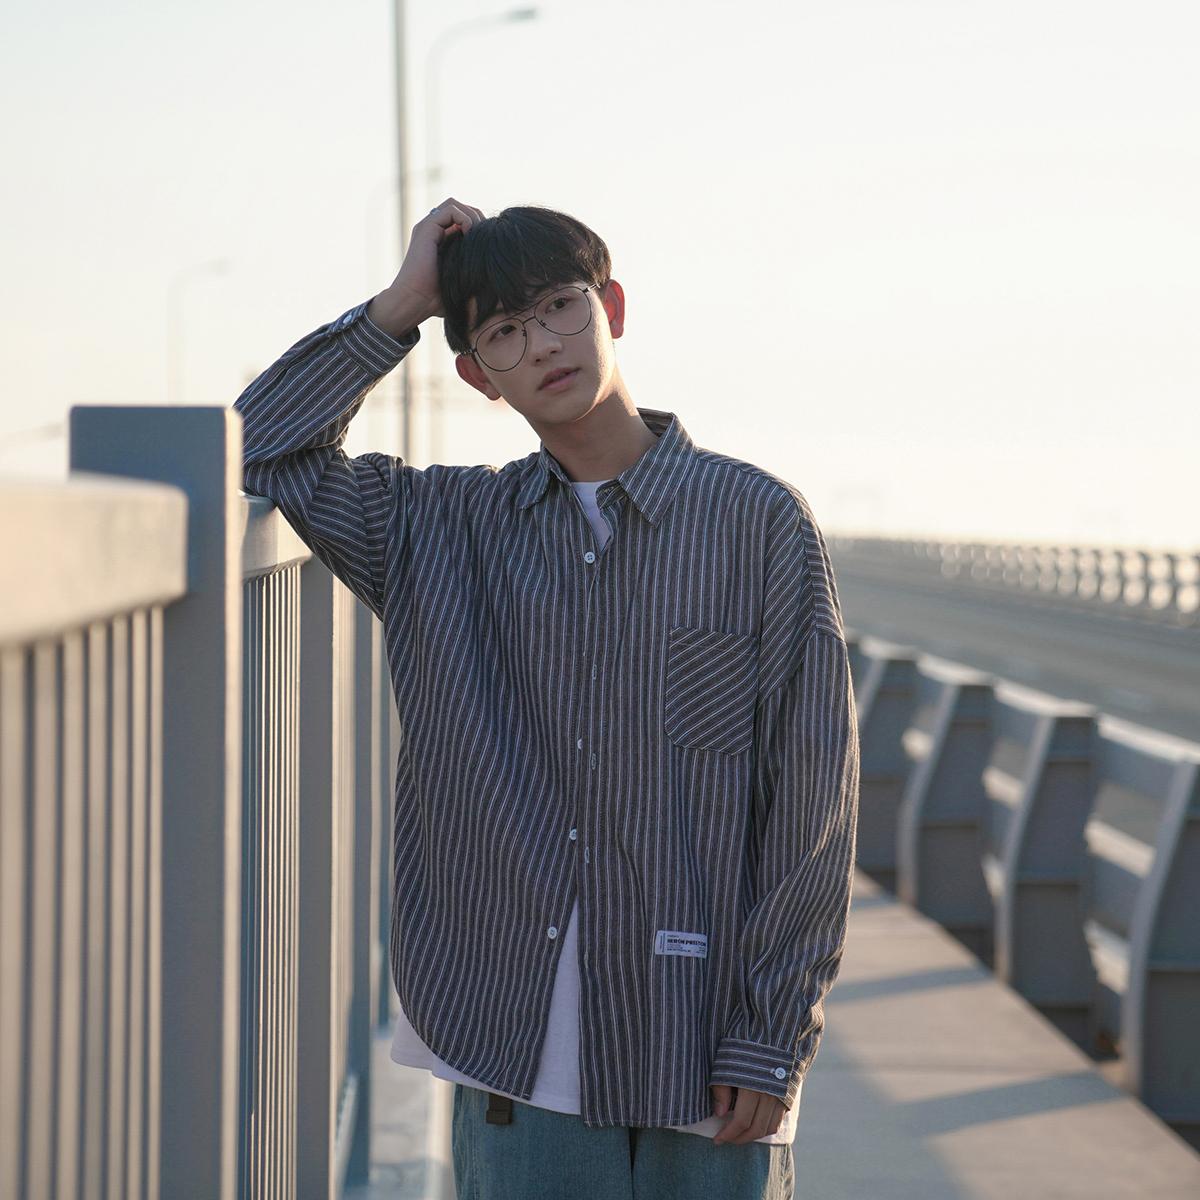 D禾子长袖衬衫春装新款韩版宽松翻领男士条纹港味休闲贴标衬衣。